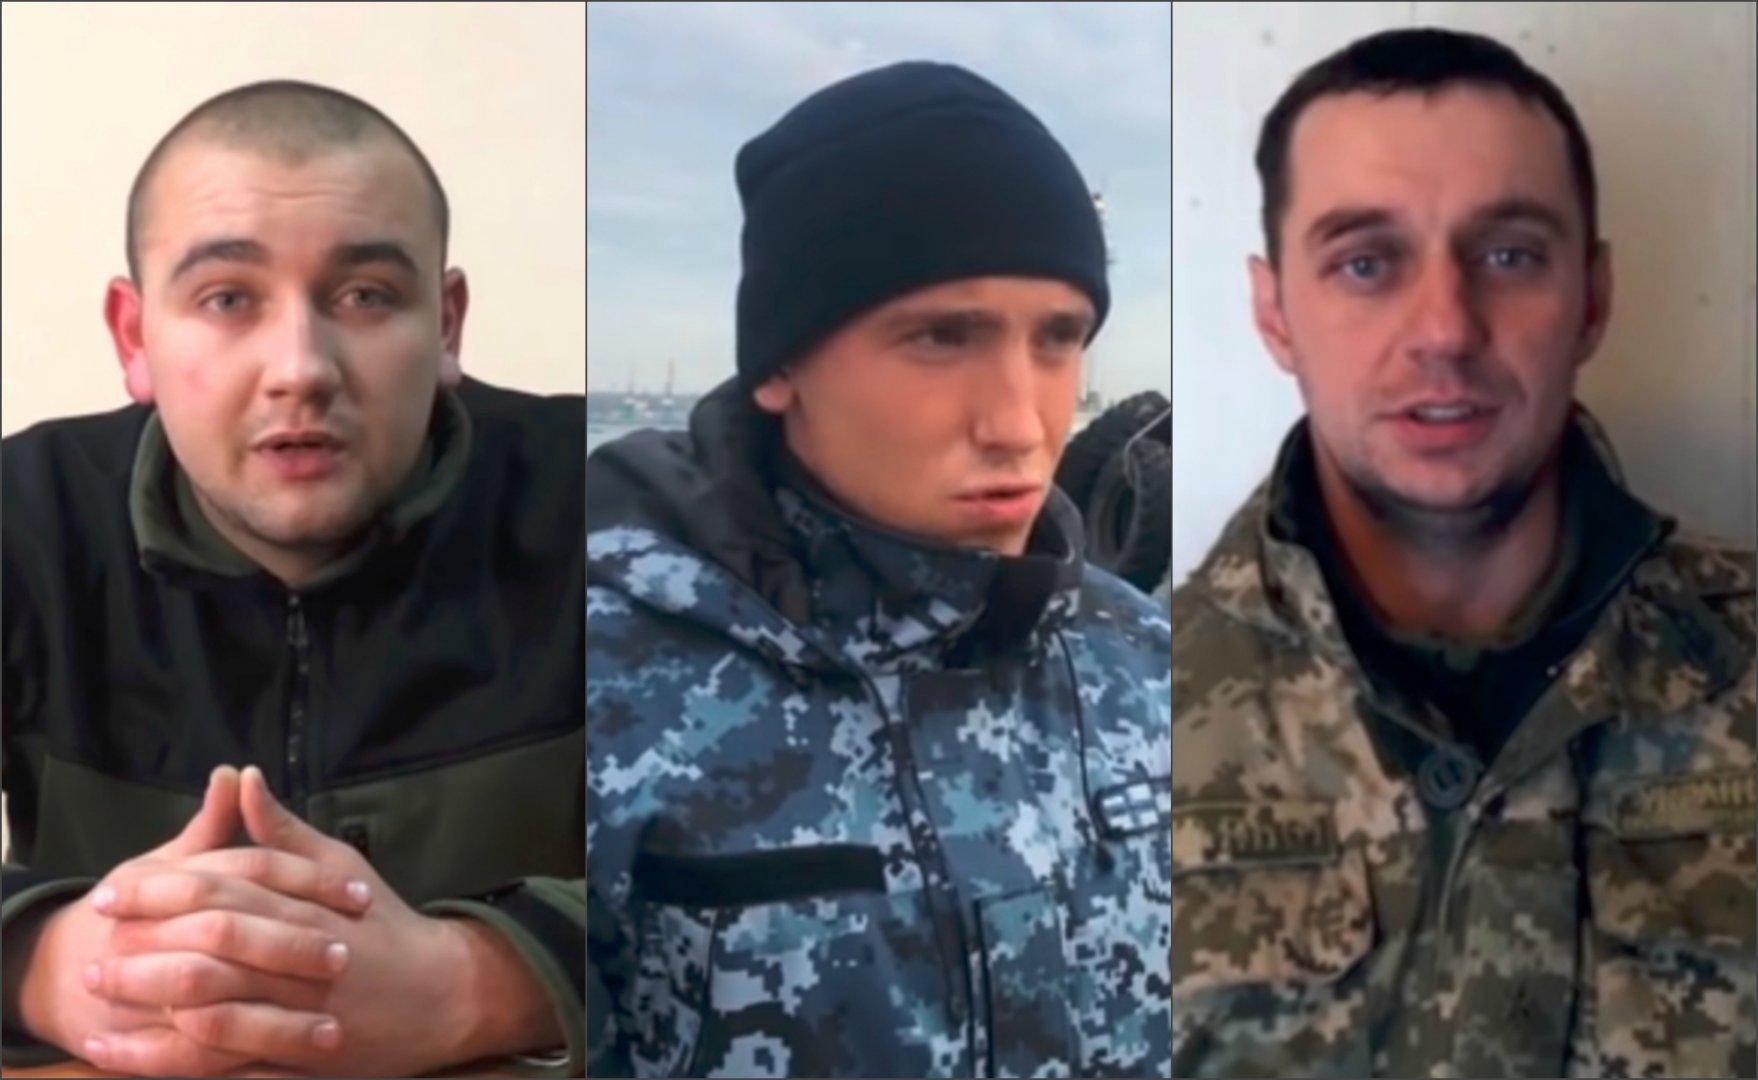 Грязные методы: ФСБшники Путина угрожают семьям двух пленных моряков, живущих в аннексированном Крыму, - ВМС